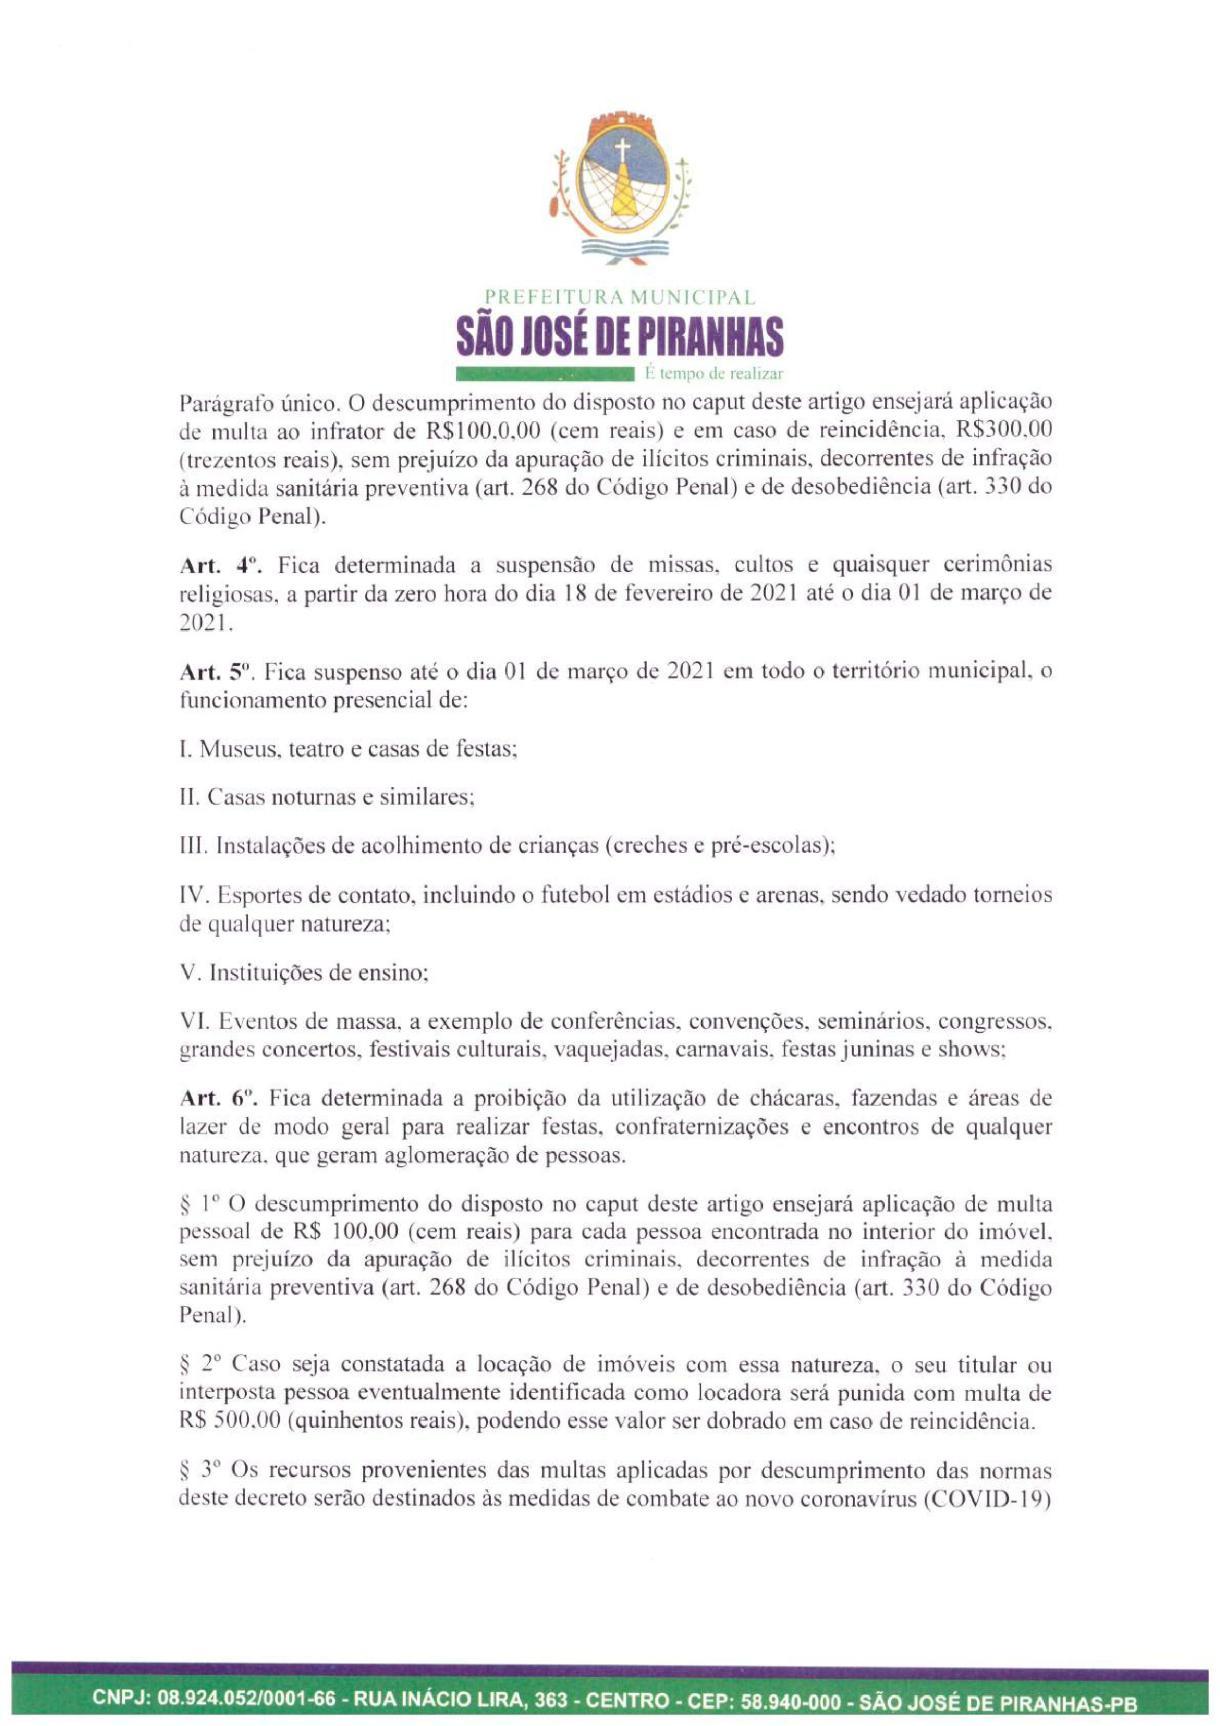 0003 Prefeito de São José de Piranhas fecha atividades não essenciais e proíbe venda de bebidas alcoólicas na cidade